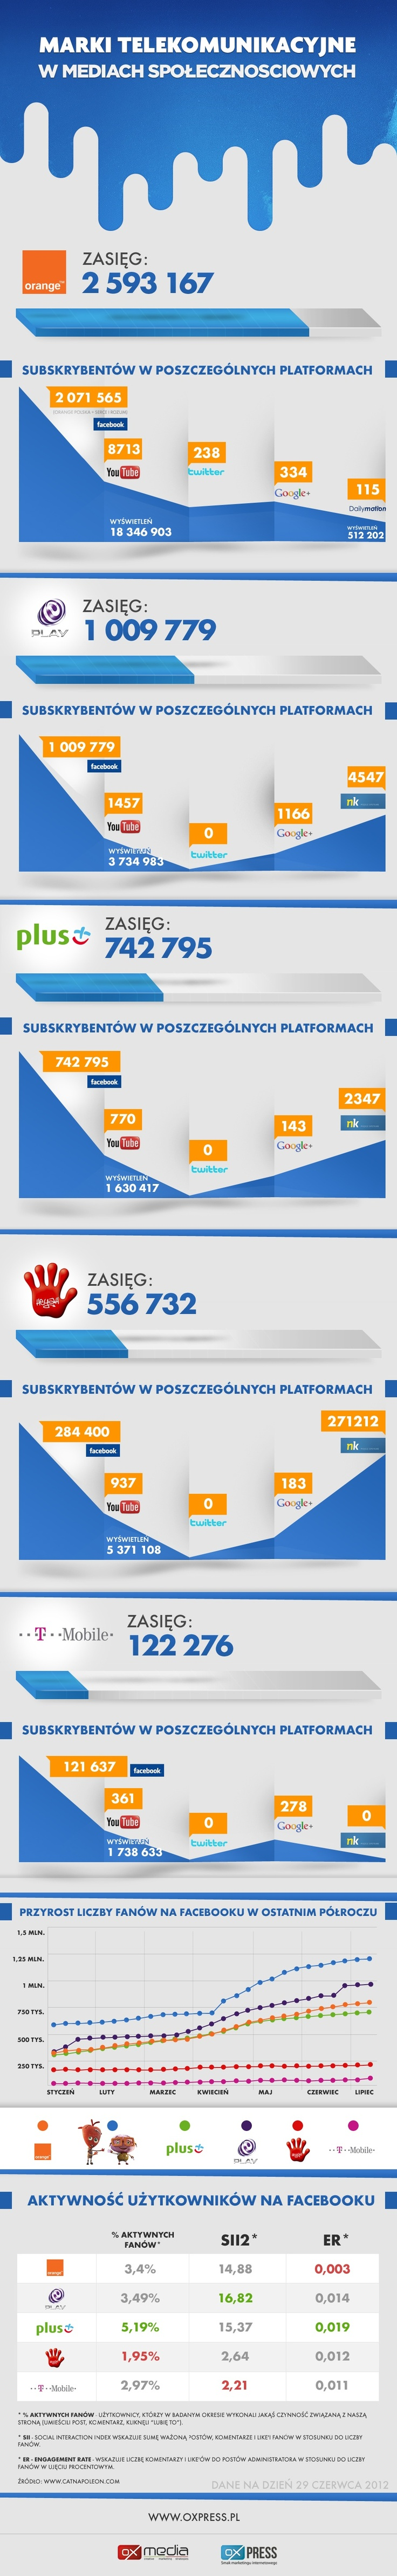 Branża telekomunikacyjna w social media [infografika] | Interaktywnie.com